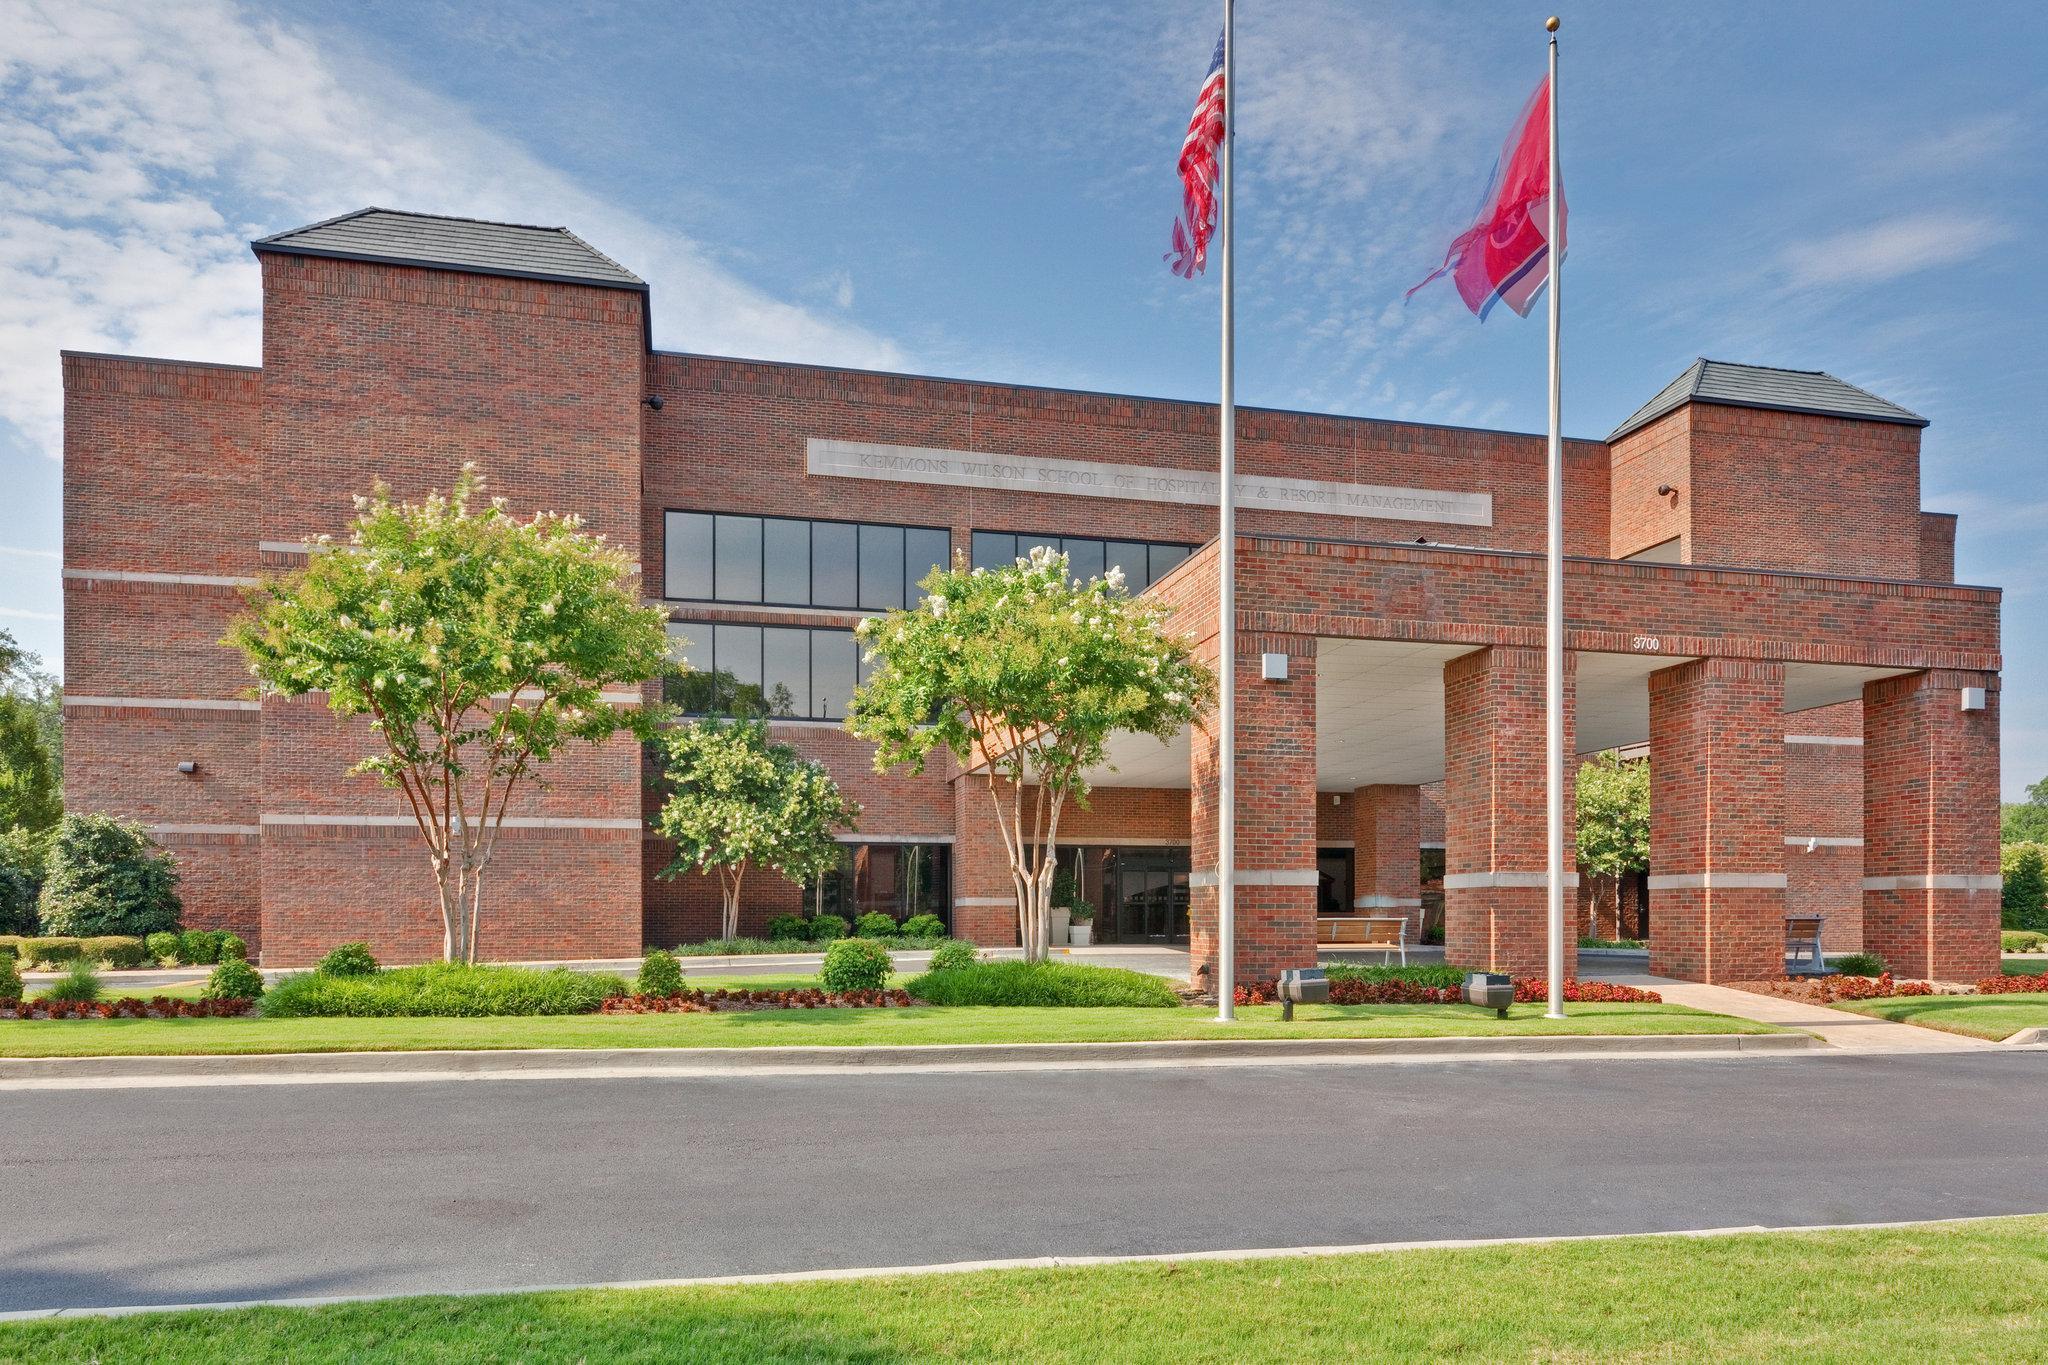 Holiday Inn Univ of Memphis